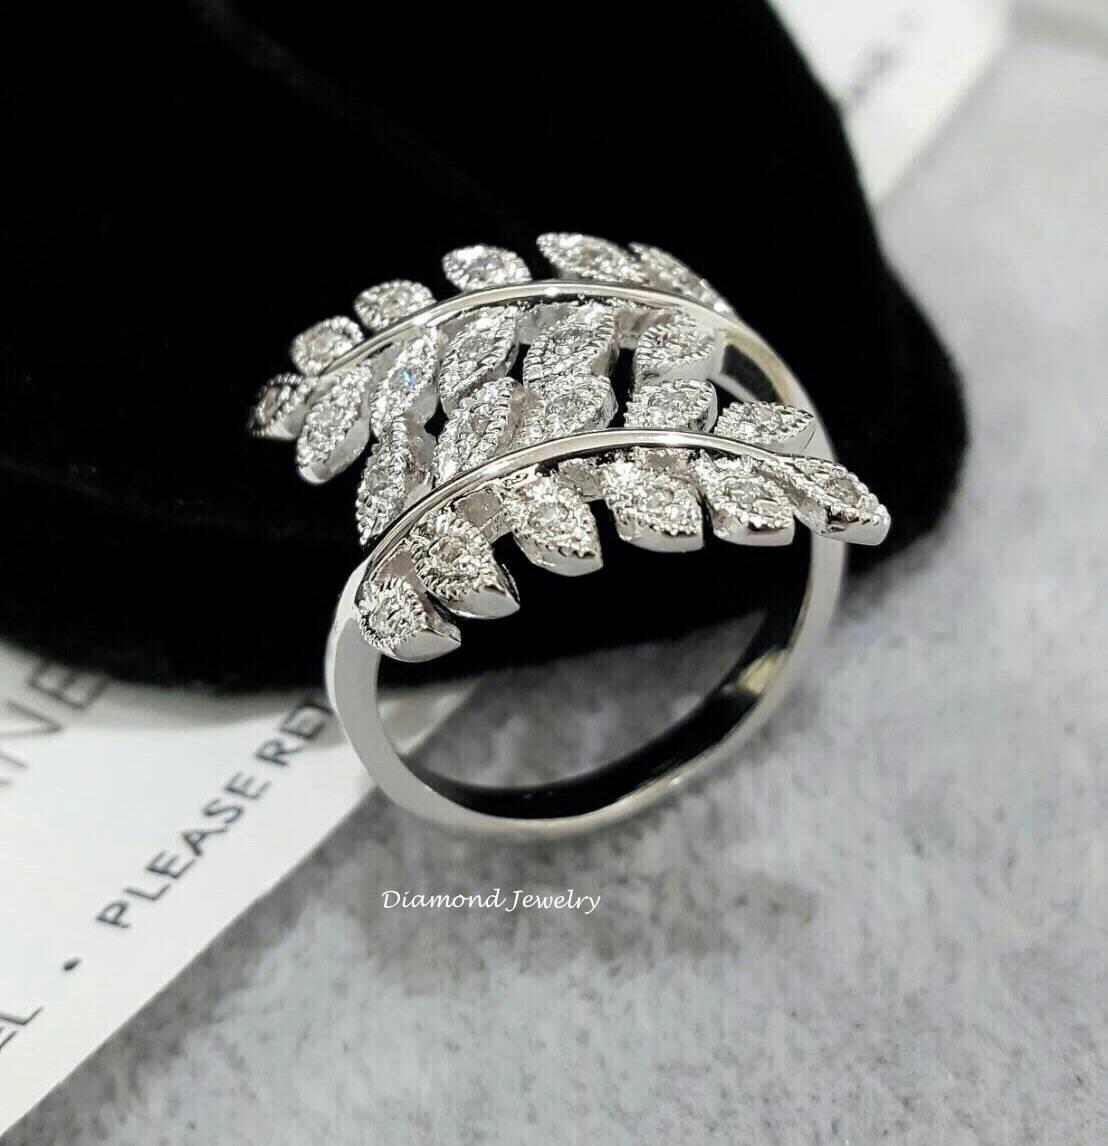 พร้อมส่ง Diamond Ring แหวนใบมะกอกงานเพชรสวิสแท้